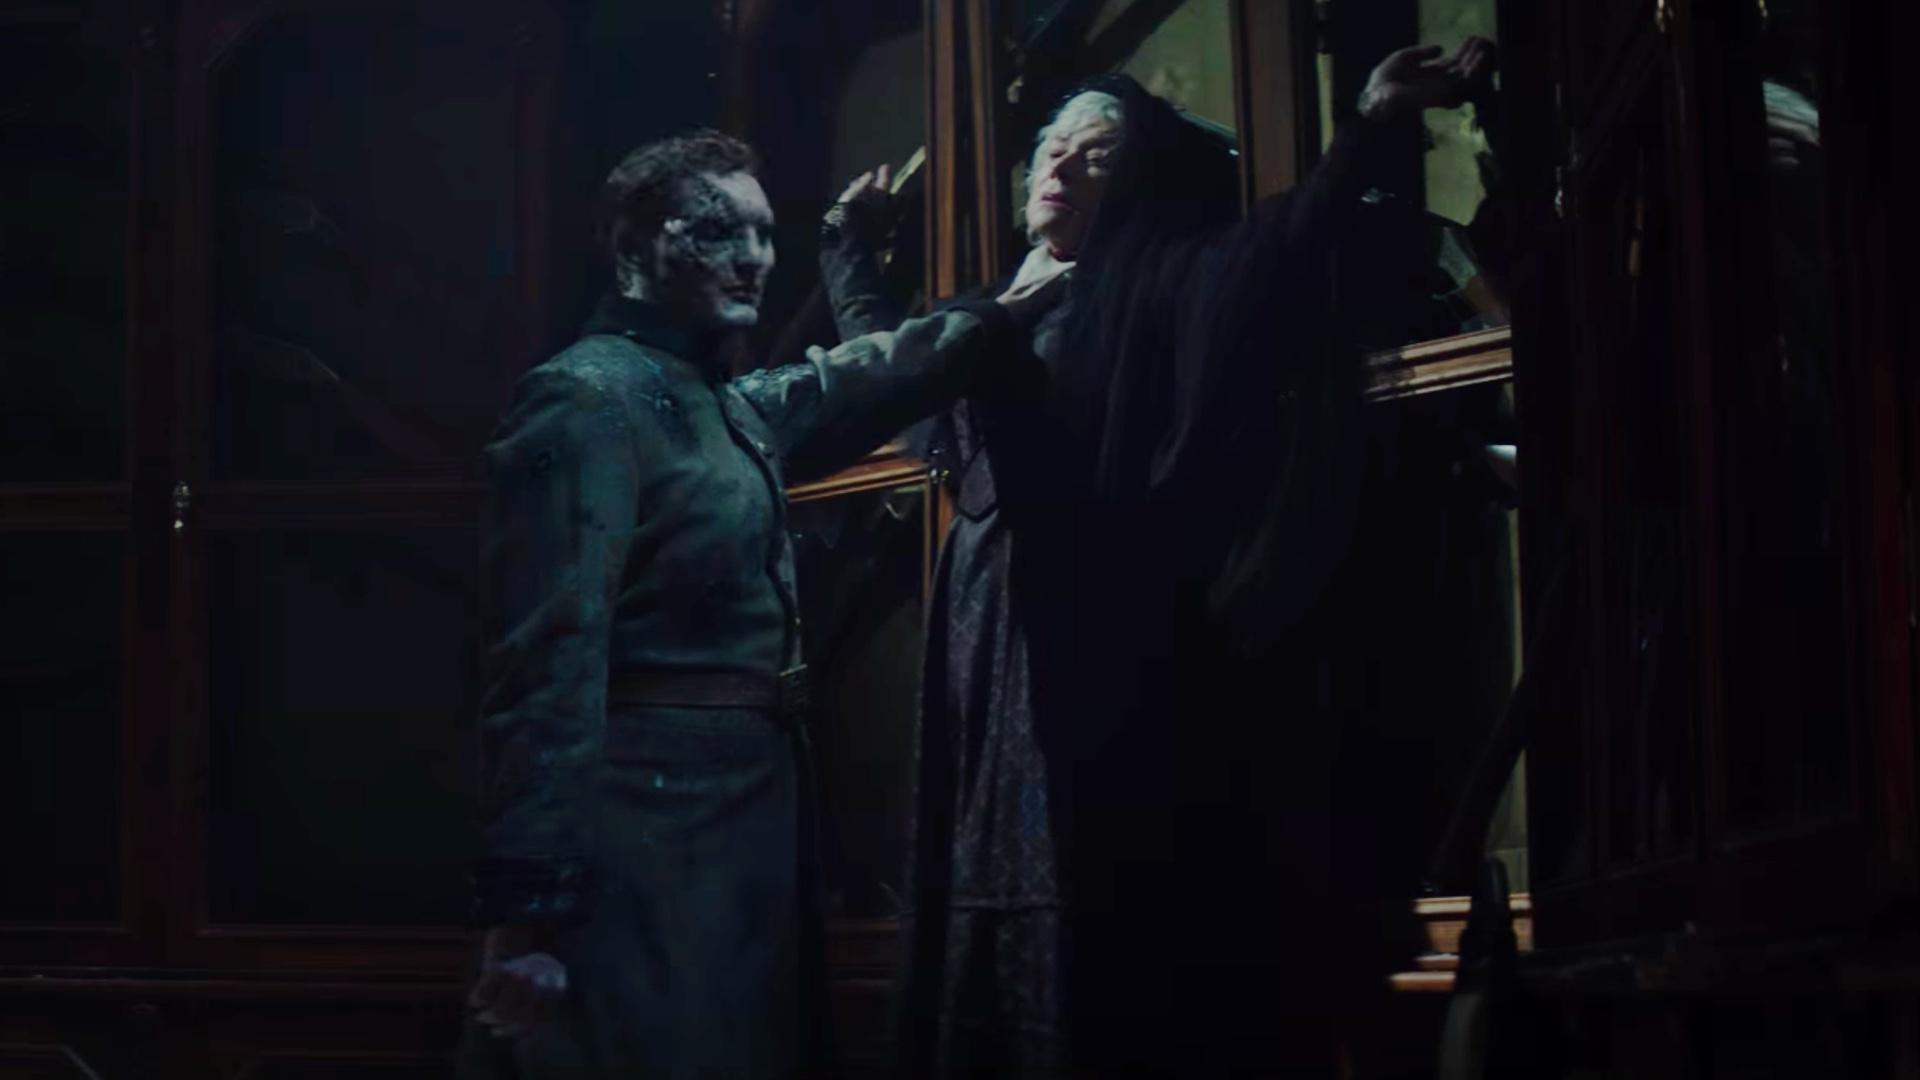 haunting-new-trailer-released-for-the-horror-thriller-winchester-social.jpg